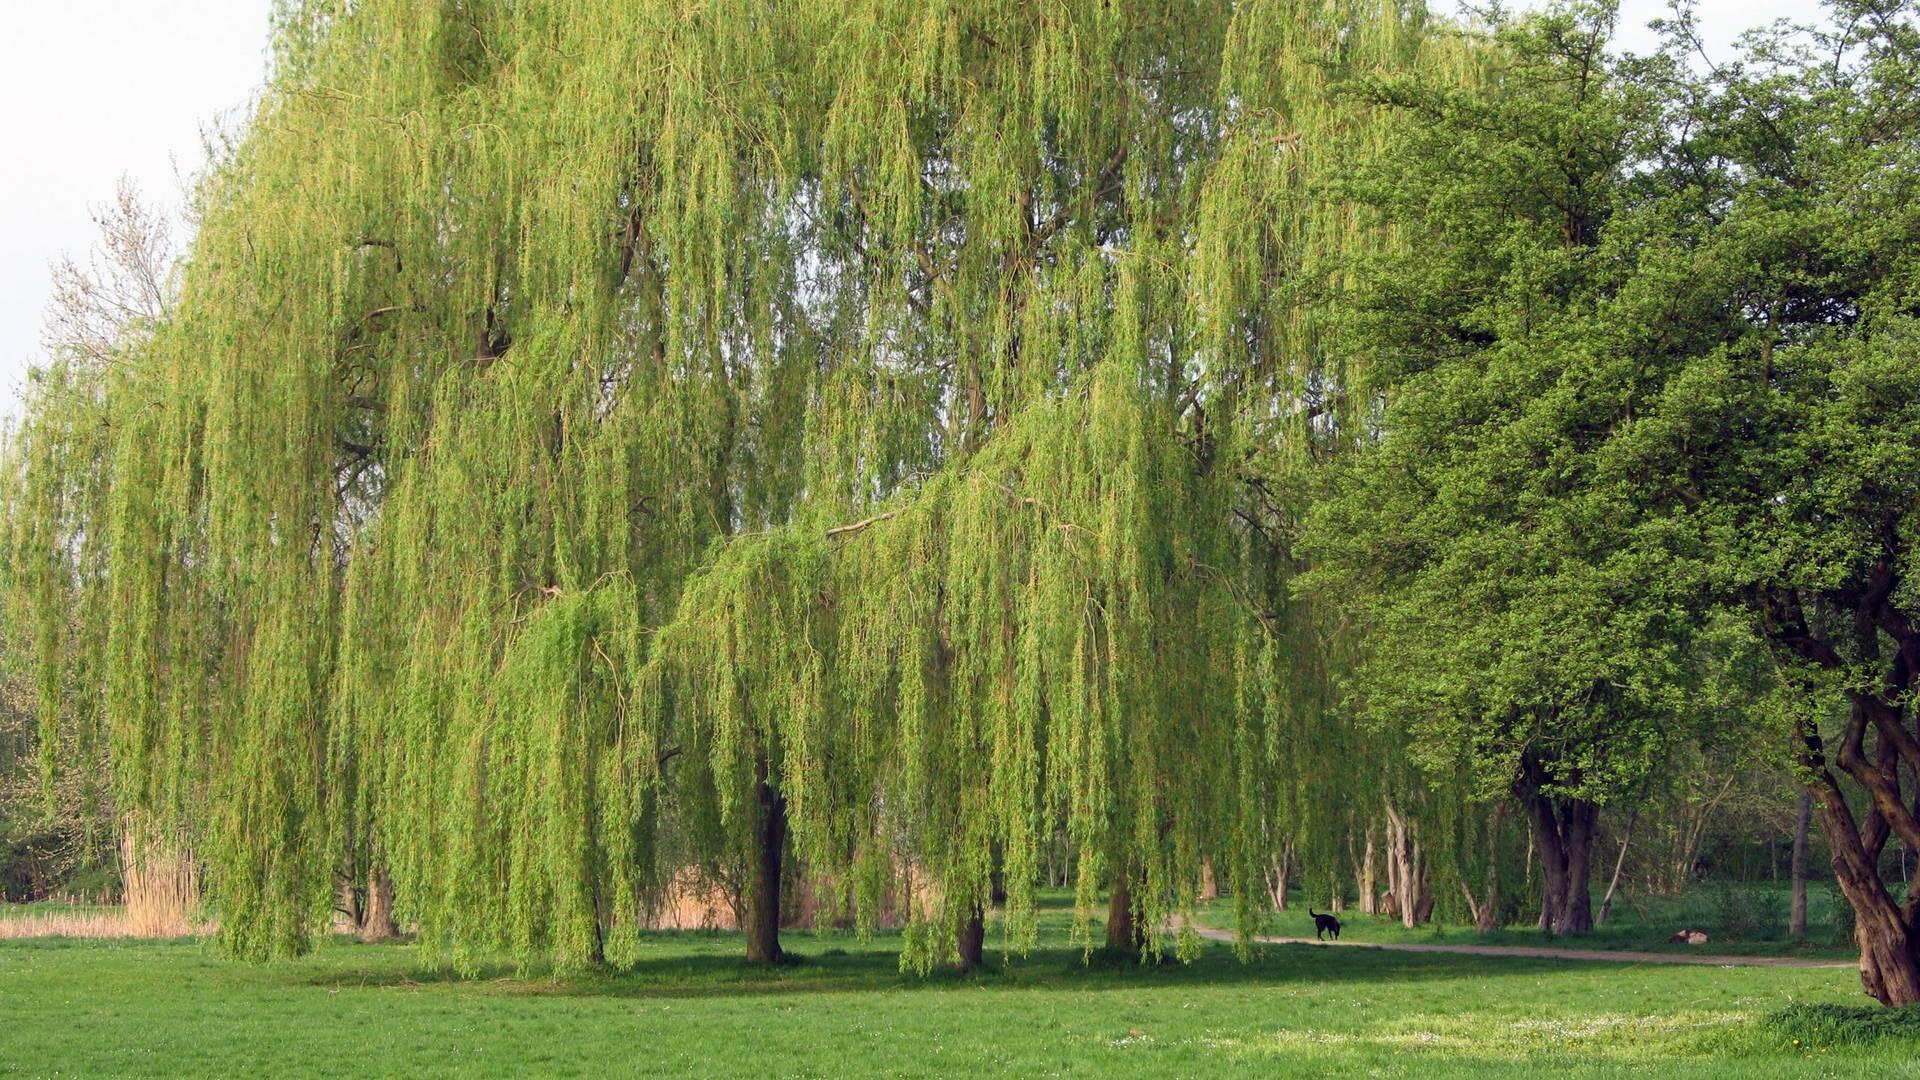 2007.04.17. Neuer Stadtpark 009 ©Stadt Lehrte